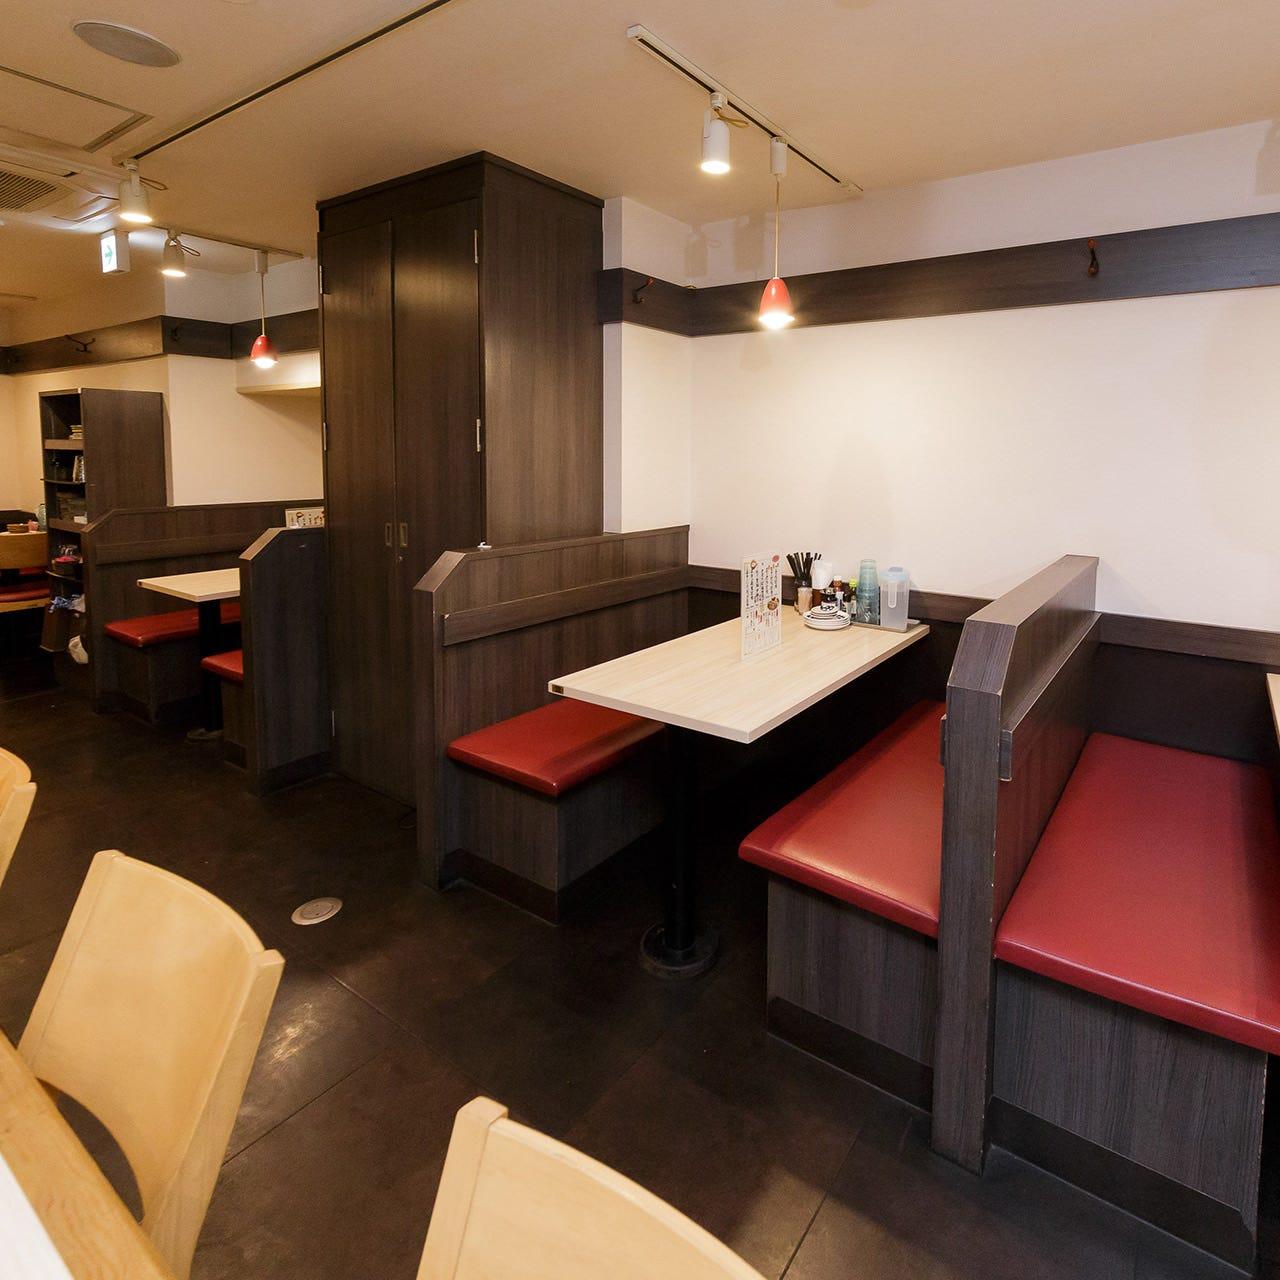 お酒と食事が友人や家族とゆっくり楽しめるアットホームな店